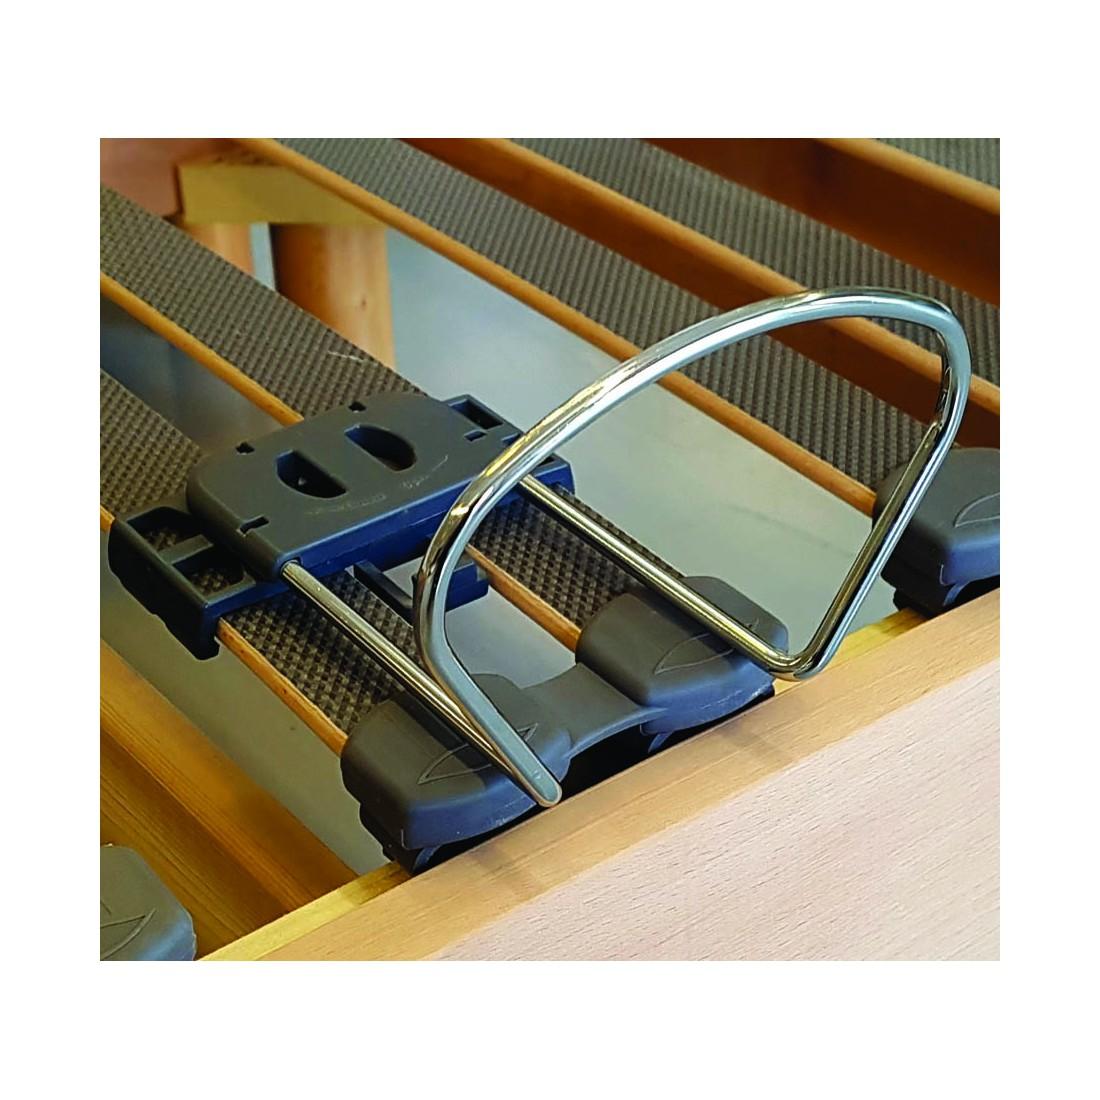 sommier bois brut naturel h tre massif morphologique dimension du sommier h tre 70x190. Black Bedroom Furniture Sets. Home Design Ideas